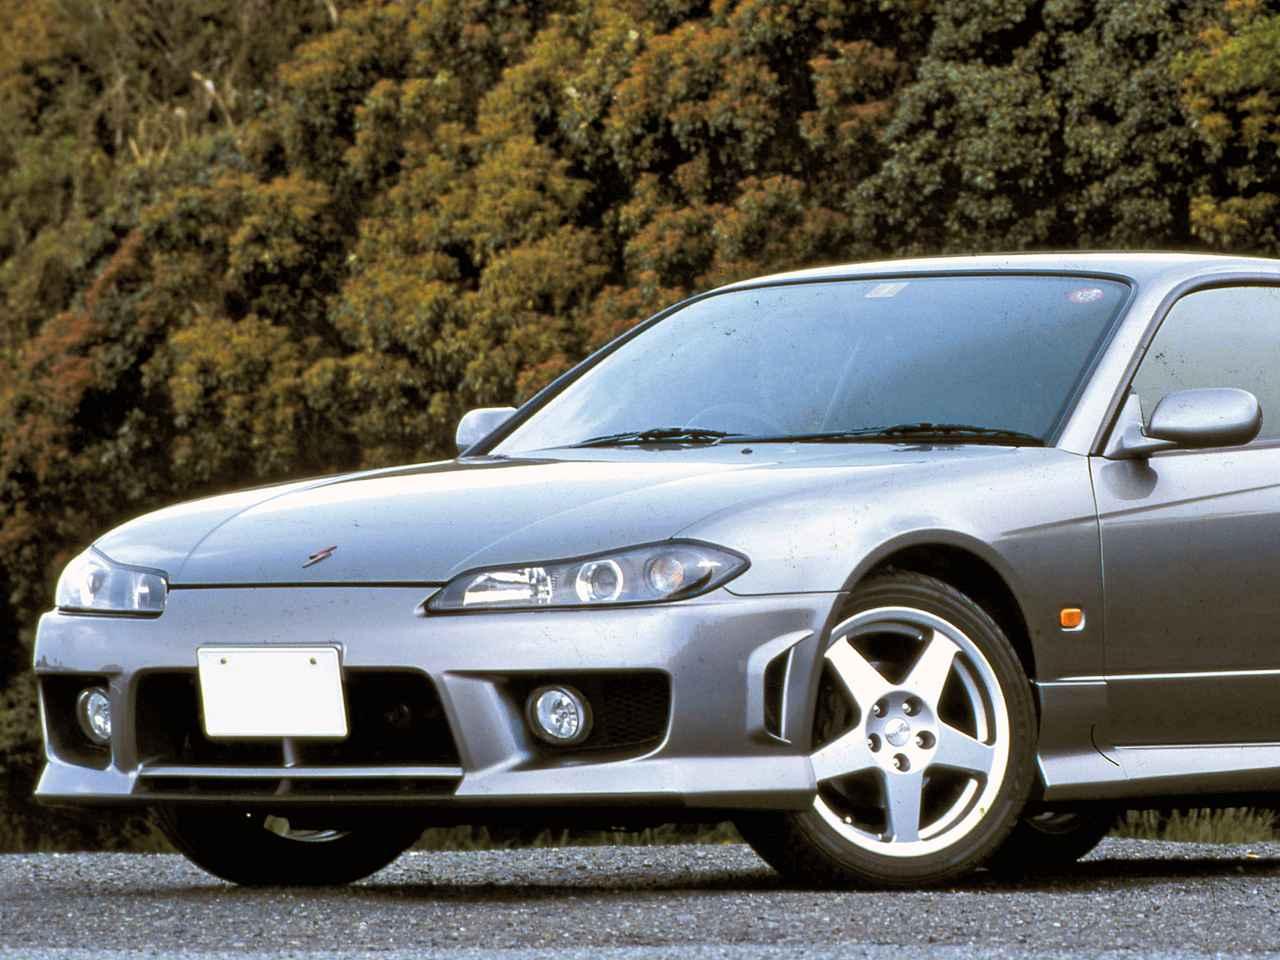 【平成スポーツPVランク第5位】日産 シルビア(S15型:1999年1月発売)